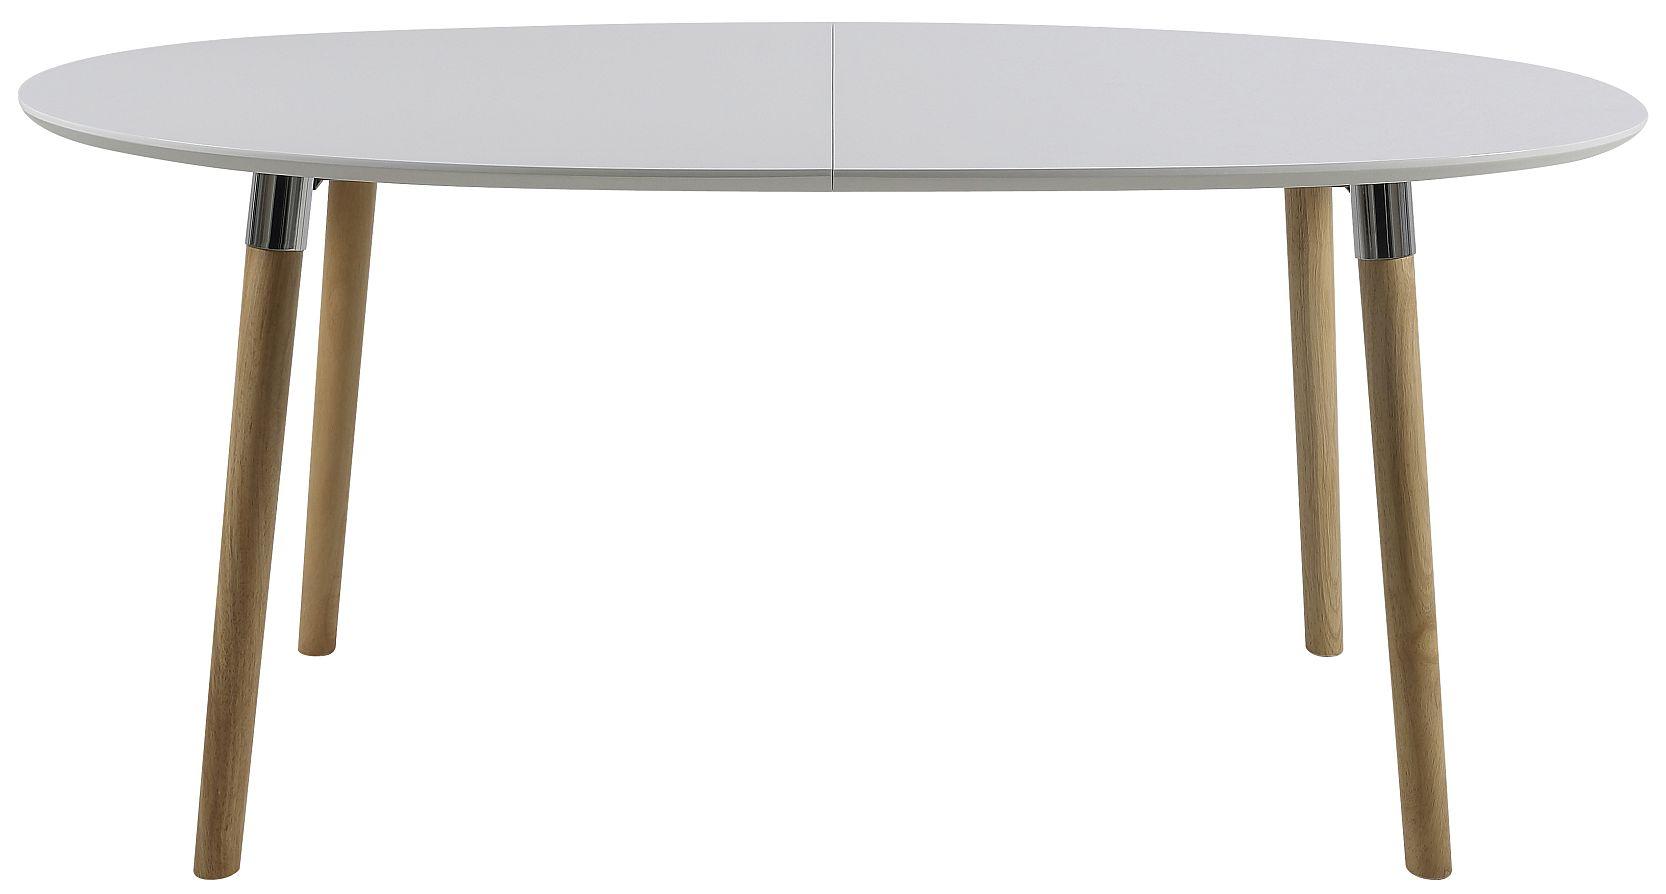 24Designs Uitschuifbare Tafel Jassmin - L170/270 Cm - Wit Tafelblad - Houten Poten